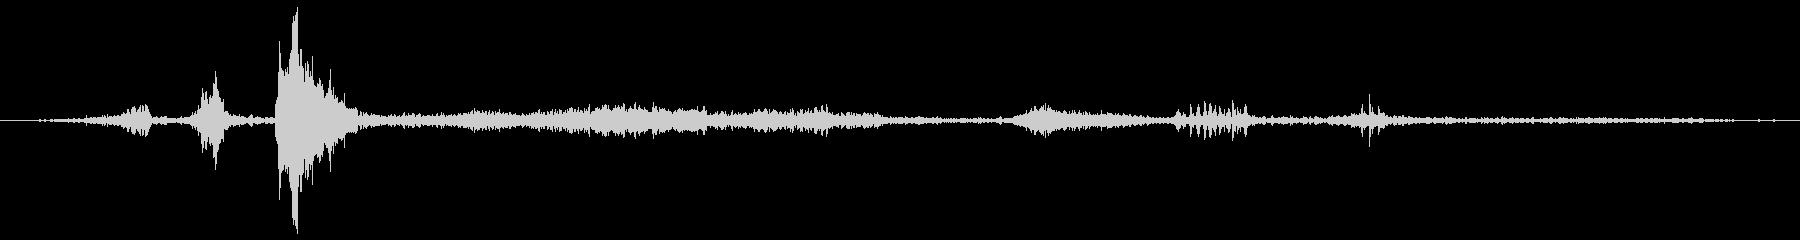 ロバ ブレイ・フェイント02の未再生の波形